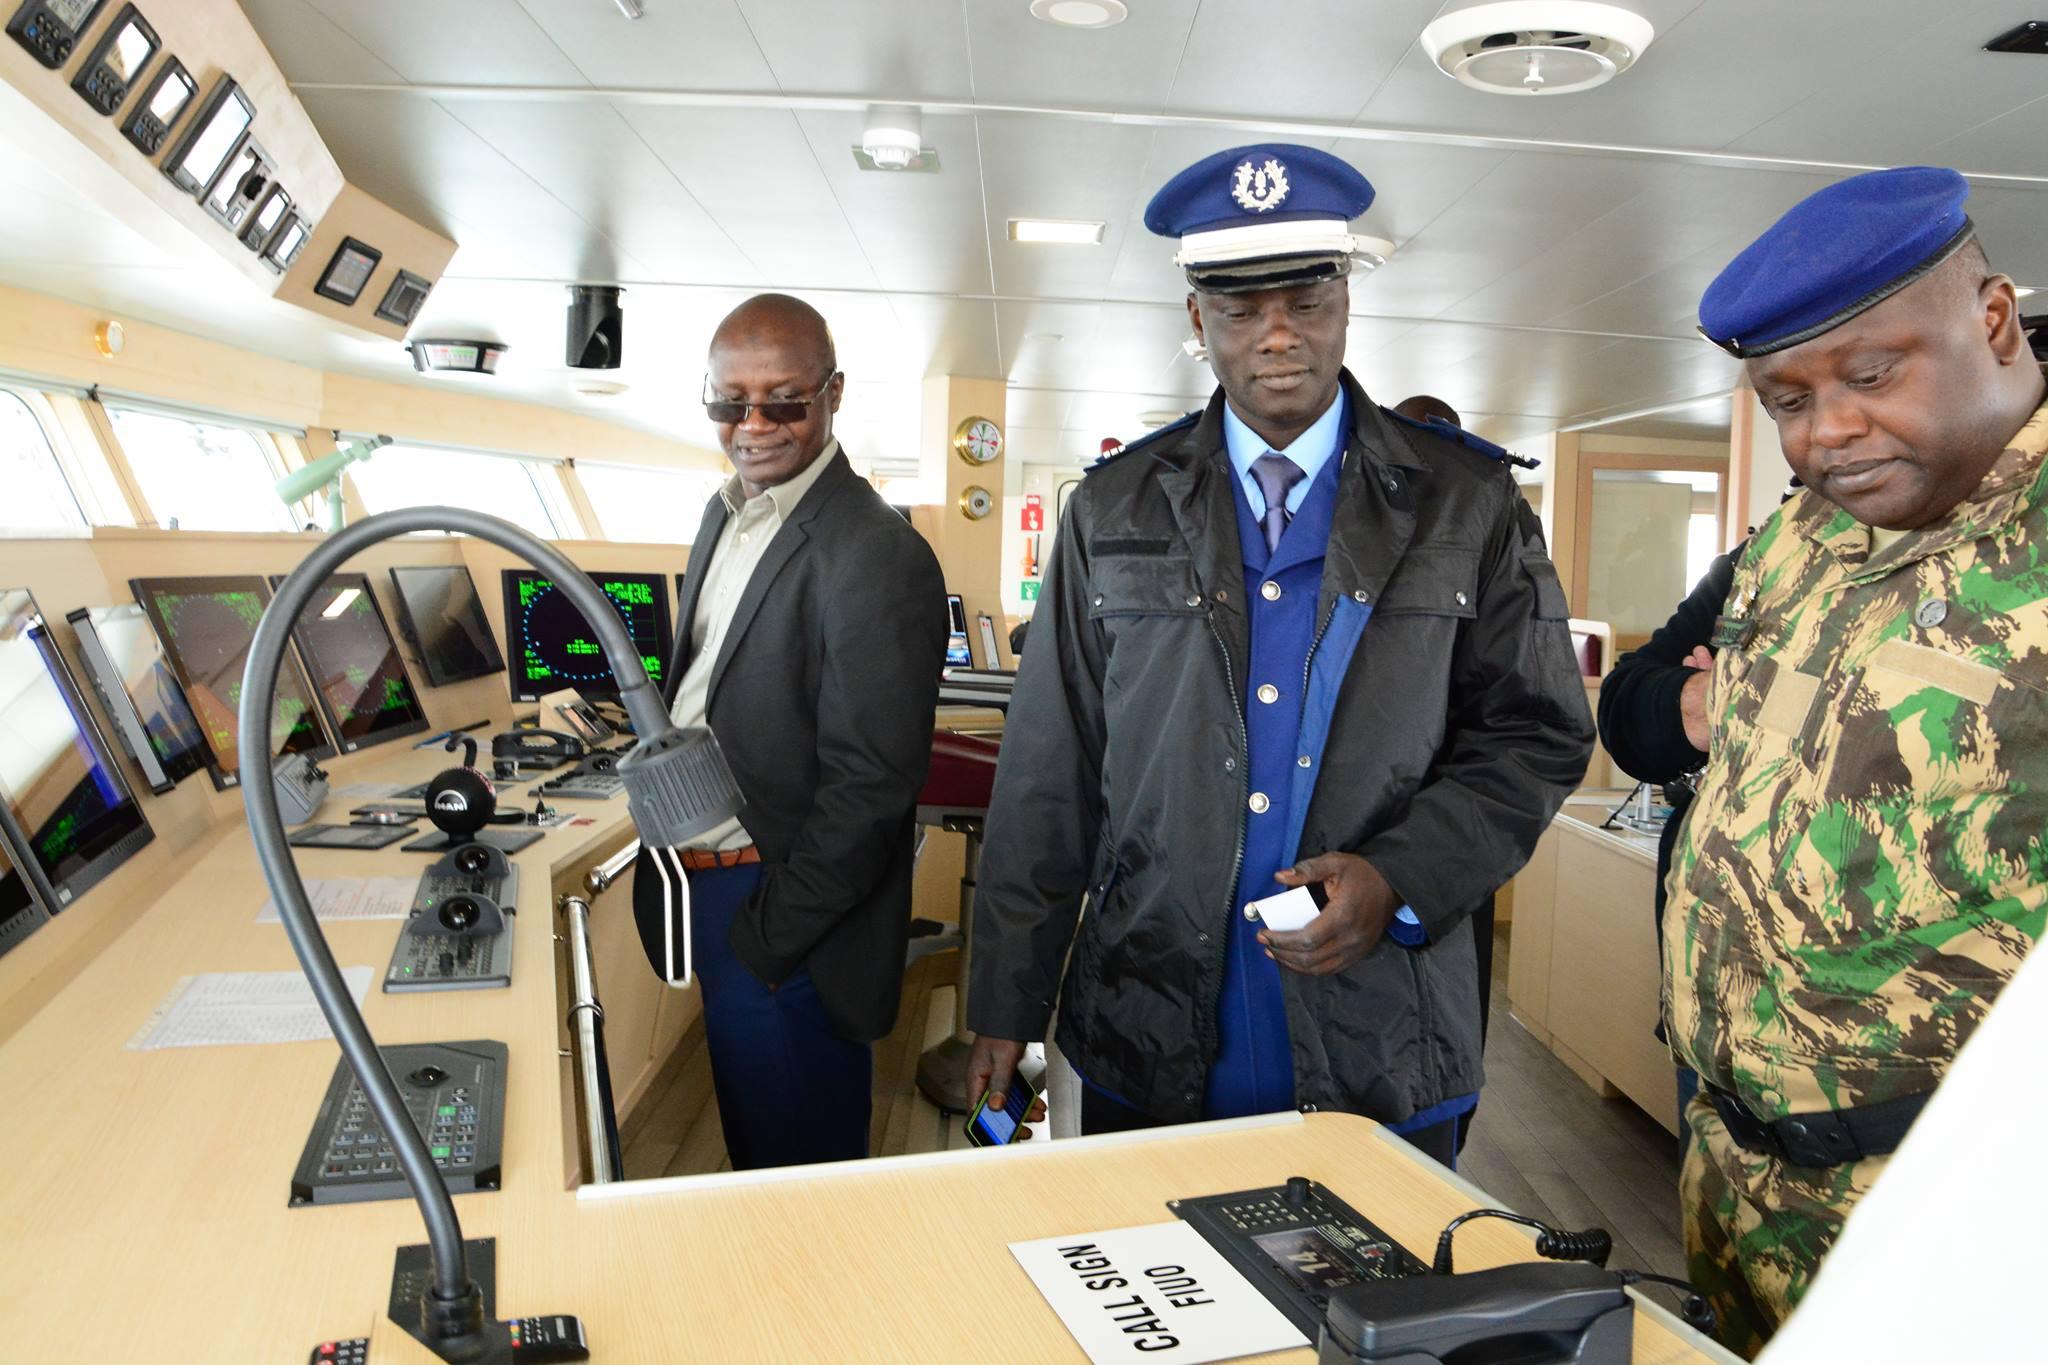 Visite à bord du Gevred : Rassurer les autorités sur une pratique responsable de la pêche thonière